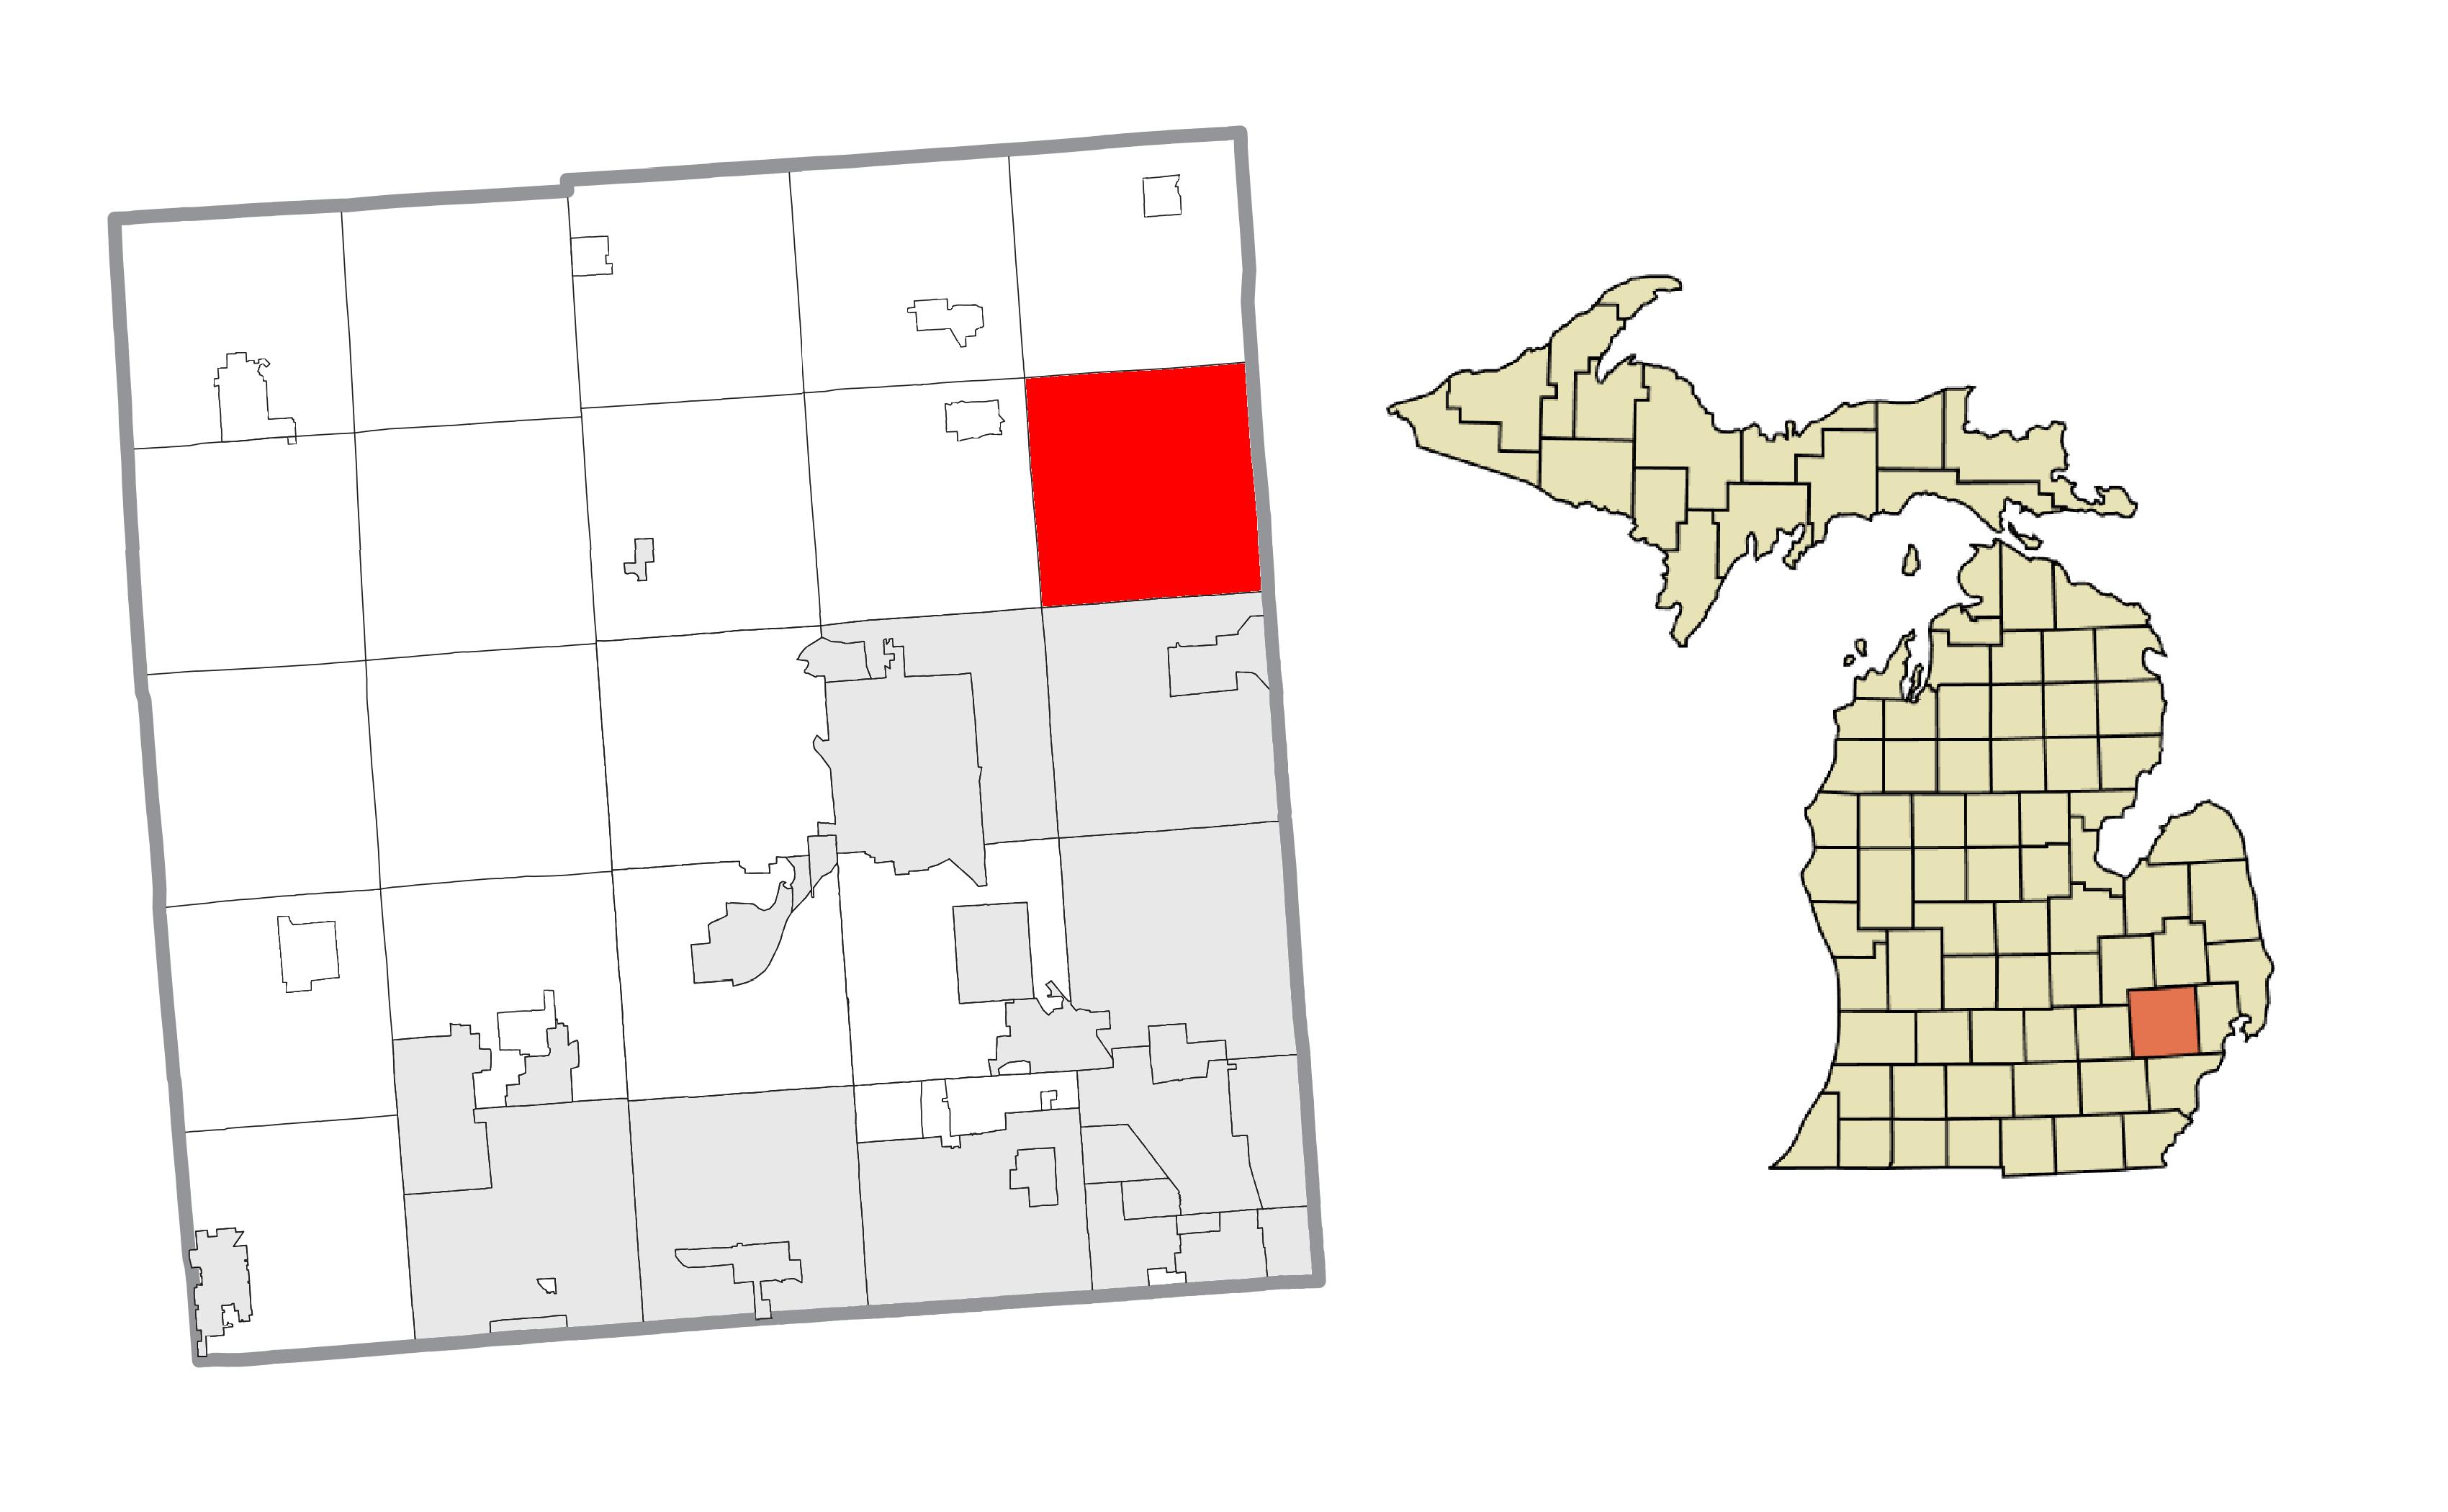 Oakland Charter Township, Michigan - Wikipedia